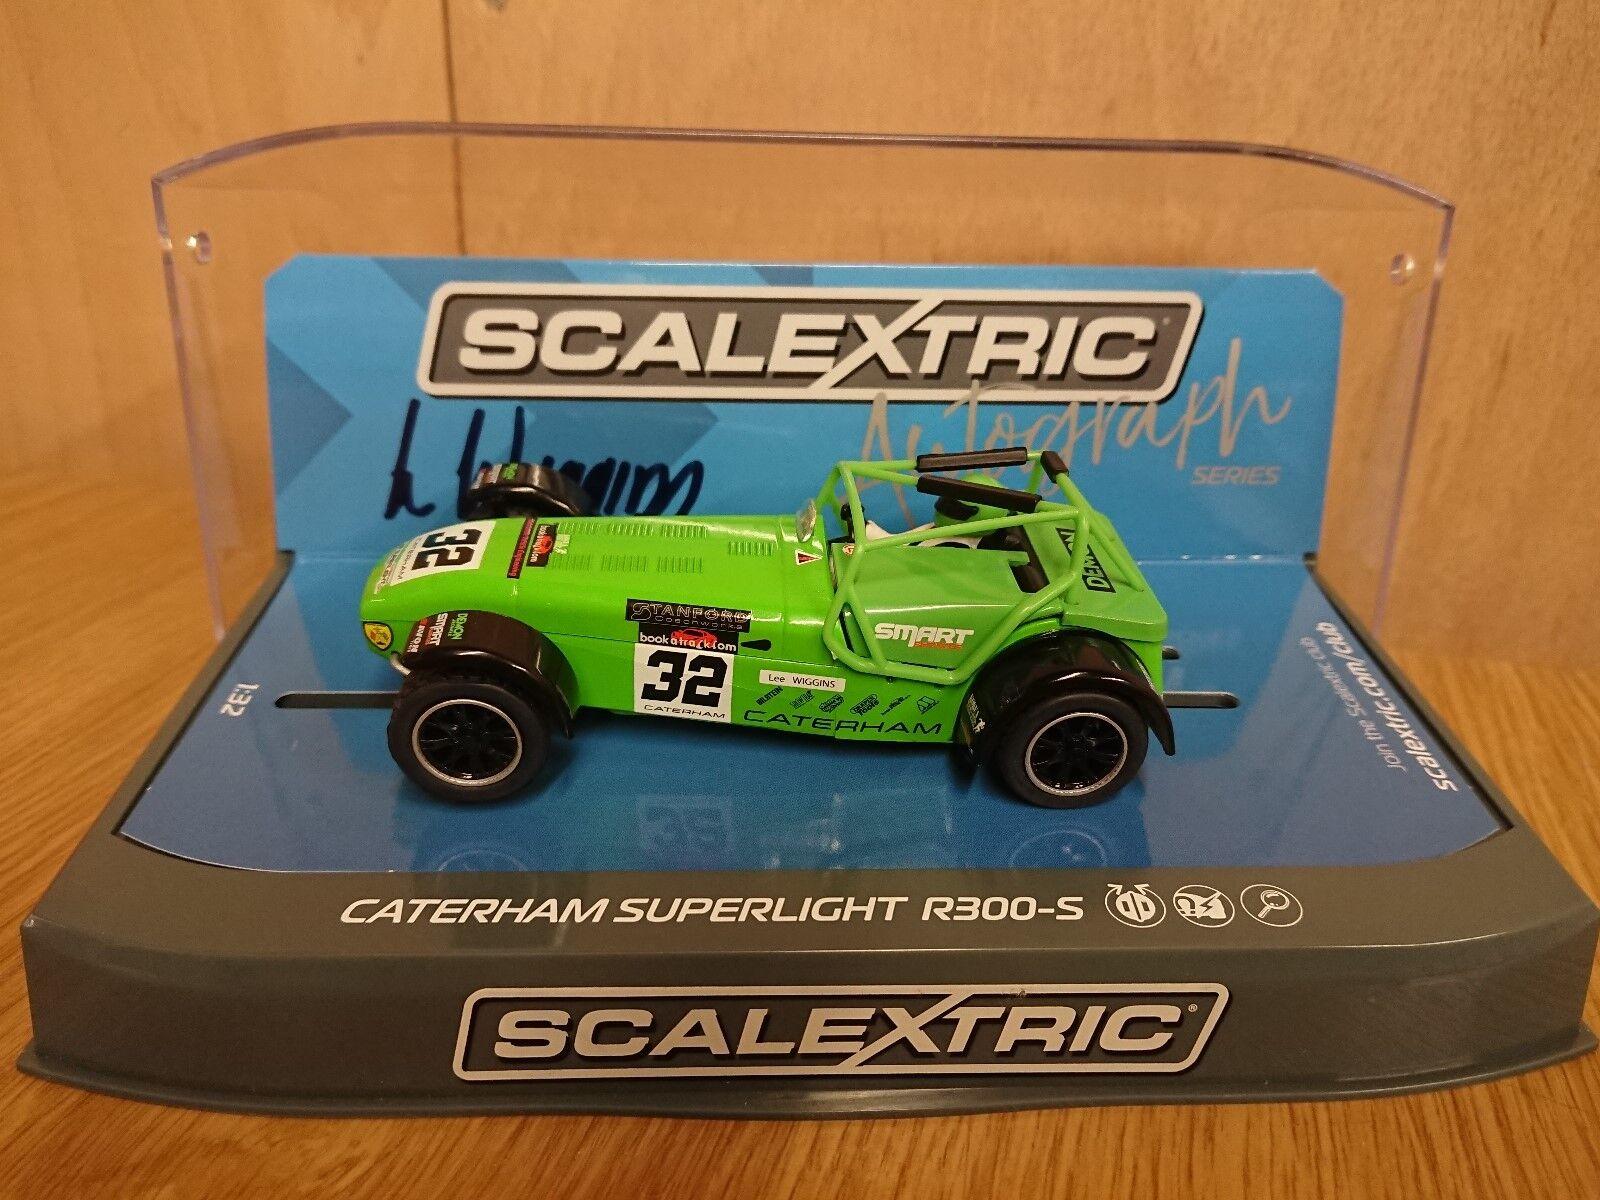 SCALEXTRIC C3871AE Signature Series Caterham Superlight R300-S Lee Wiggins No.32